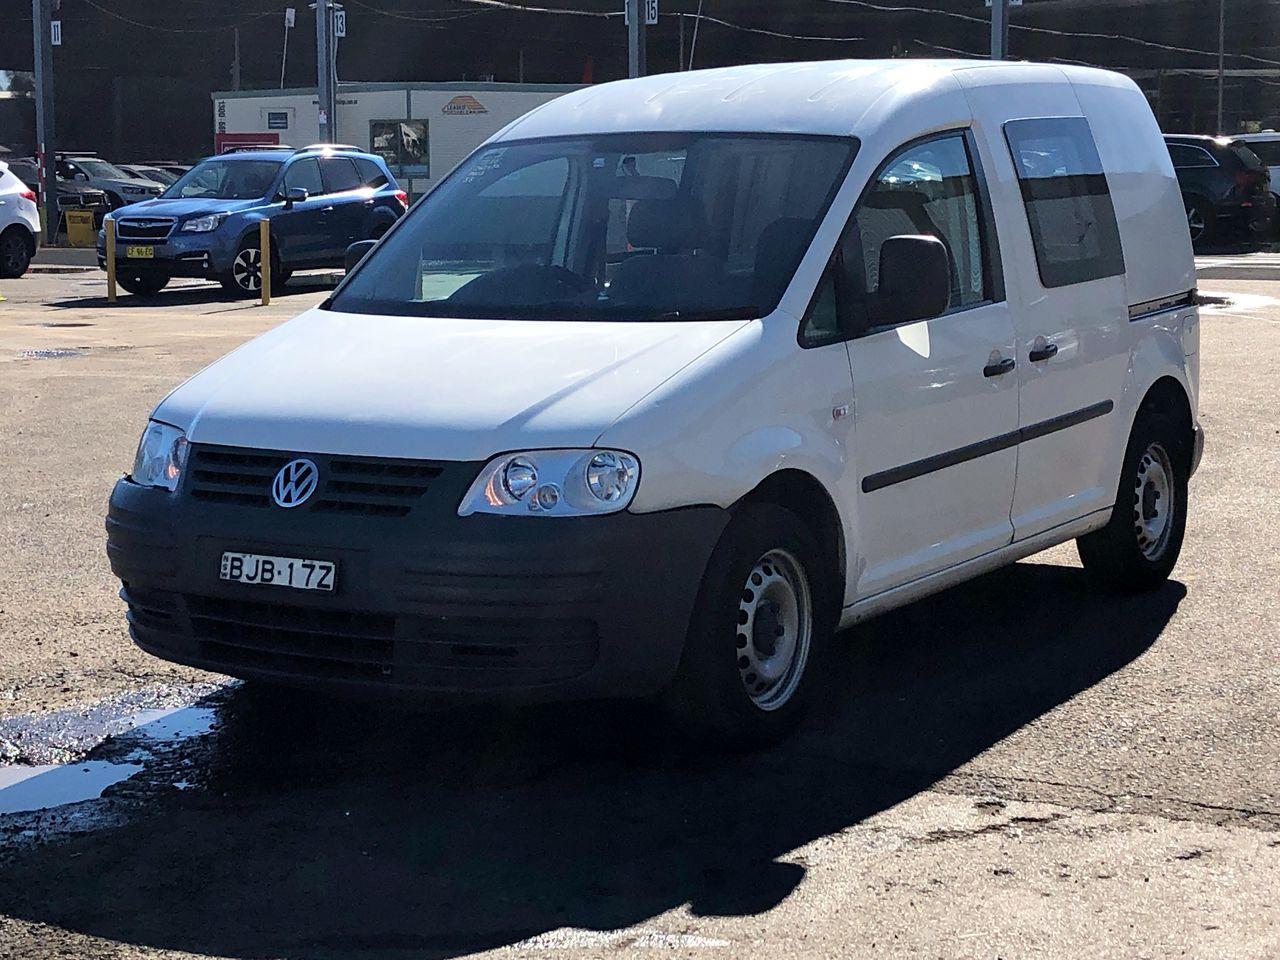 2008 Volkswagen Caddy 1.9 TDI Turbo Diesel Automatic Van